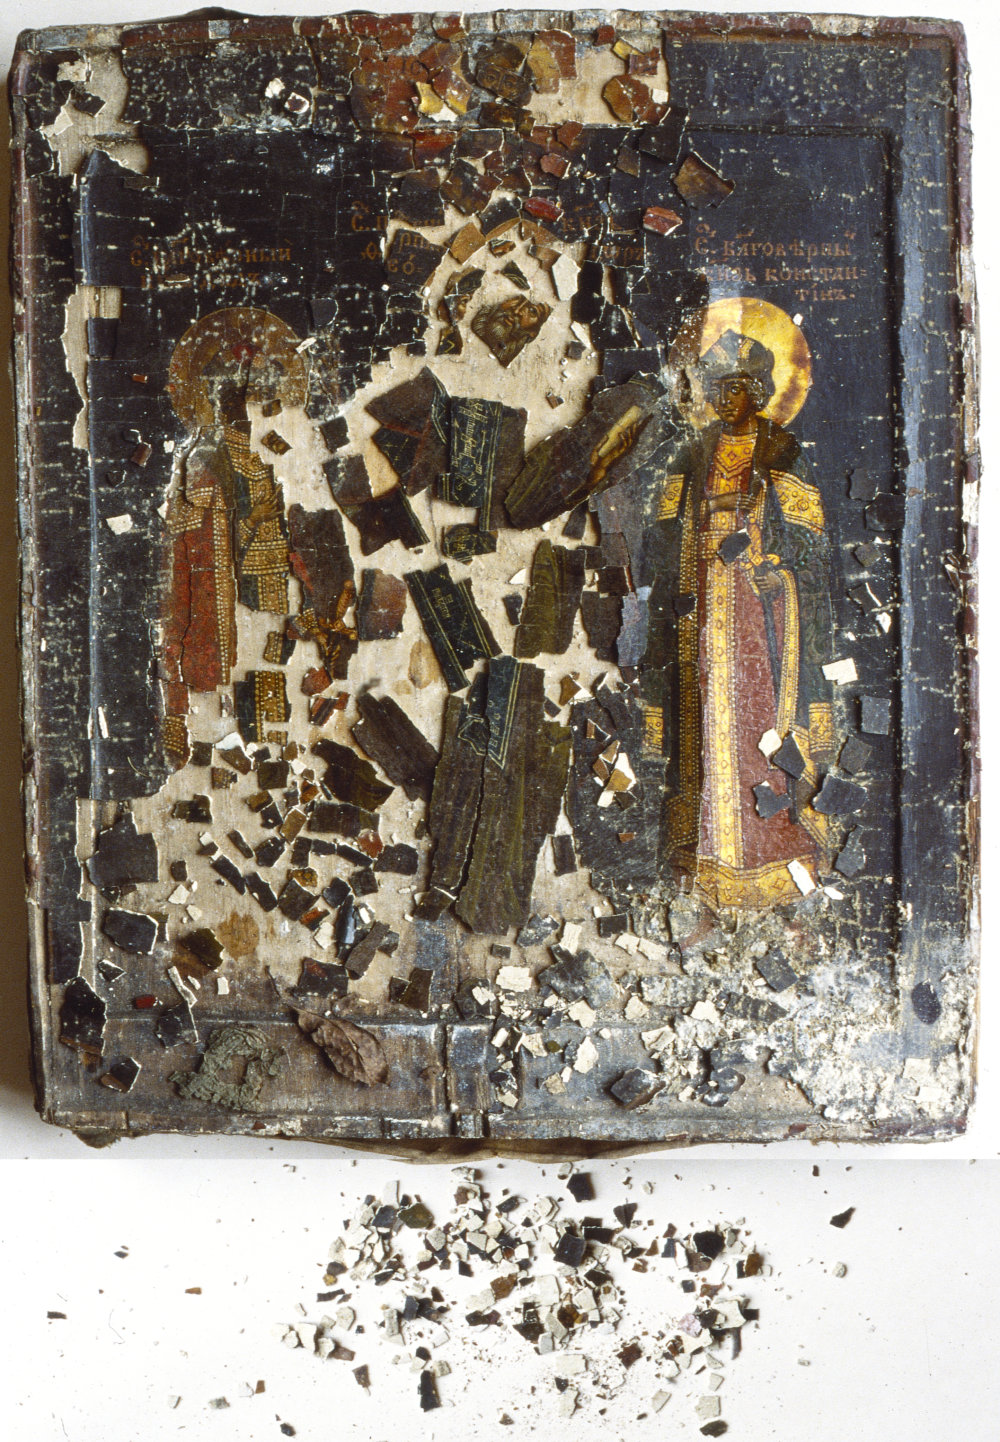 Ruská ikona: Traja svätci (sv. Dávid, sv. Teodor a sv. Konštantnín, 18. storočie. Pri neopatrnom manipulovaní a po uložení v zlých podmienkach bola takmer úplne zničená.